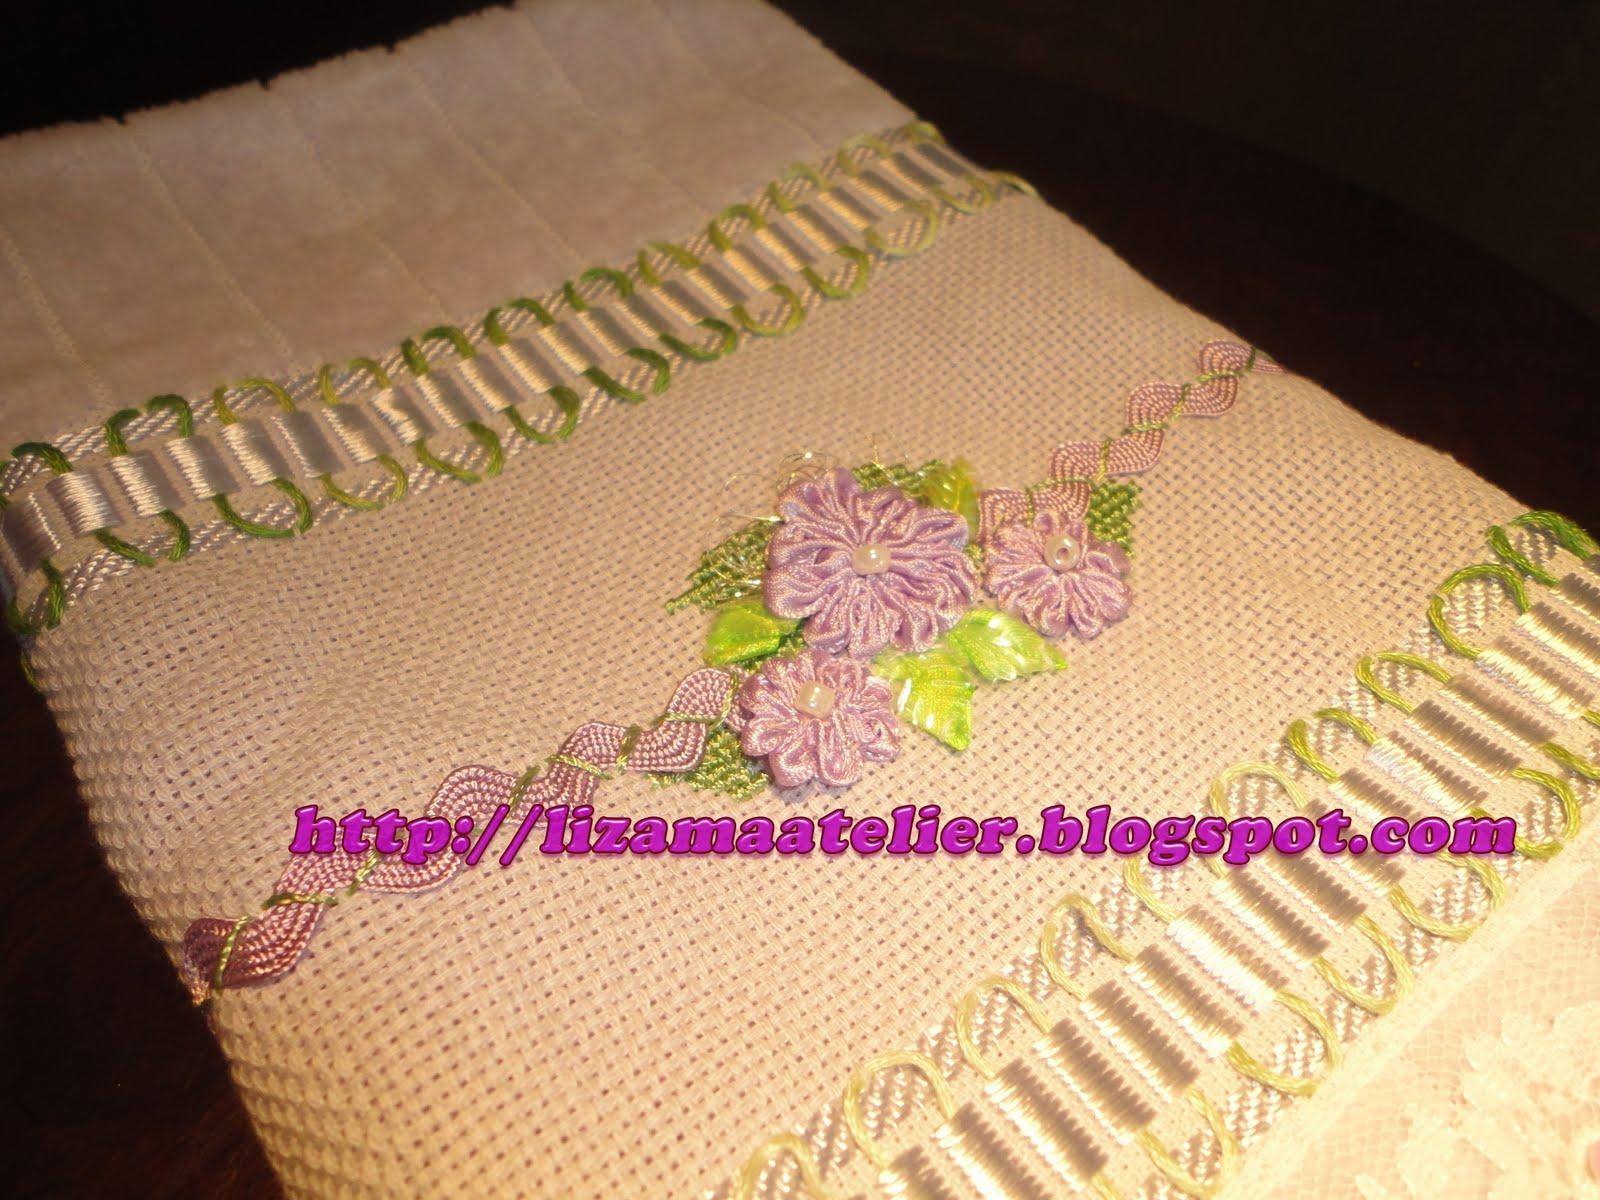 bordada com fita de cetim, sianinha, ponto de cruz e bico de renda